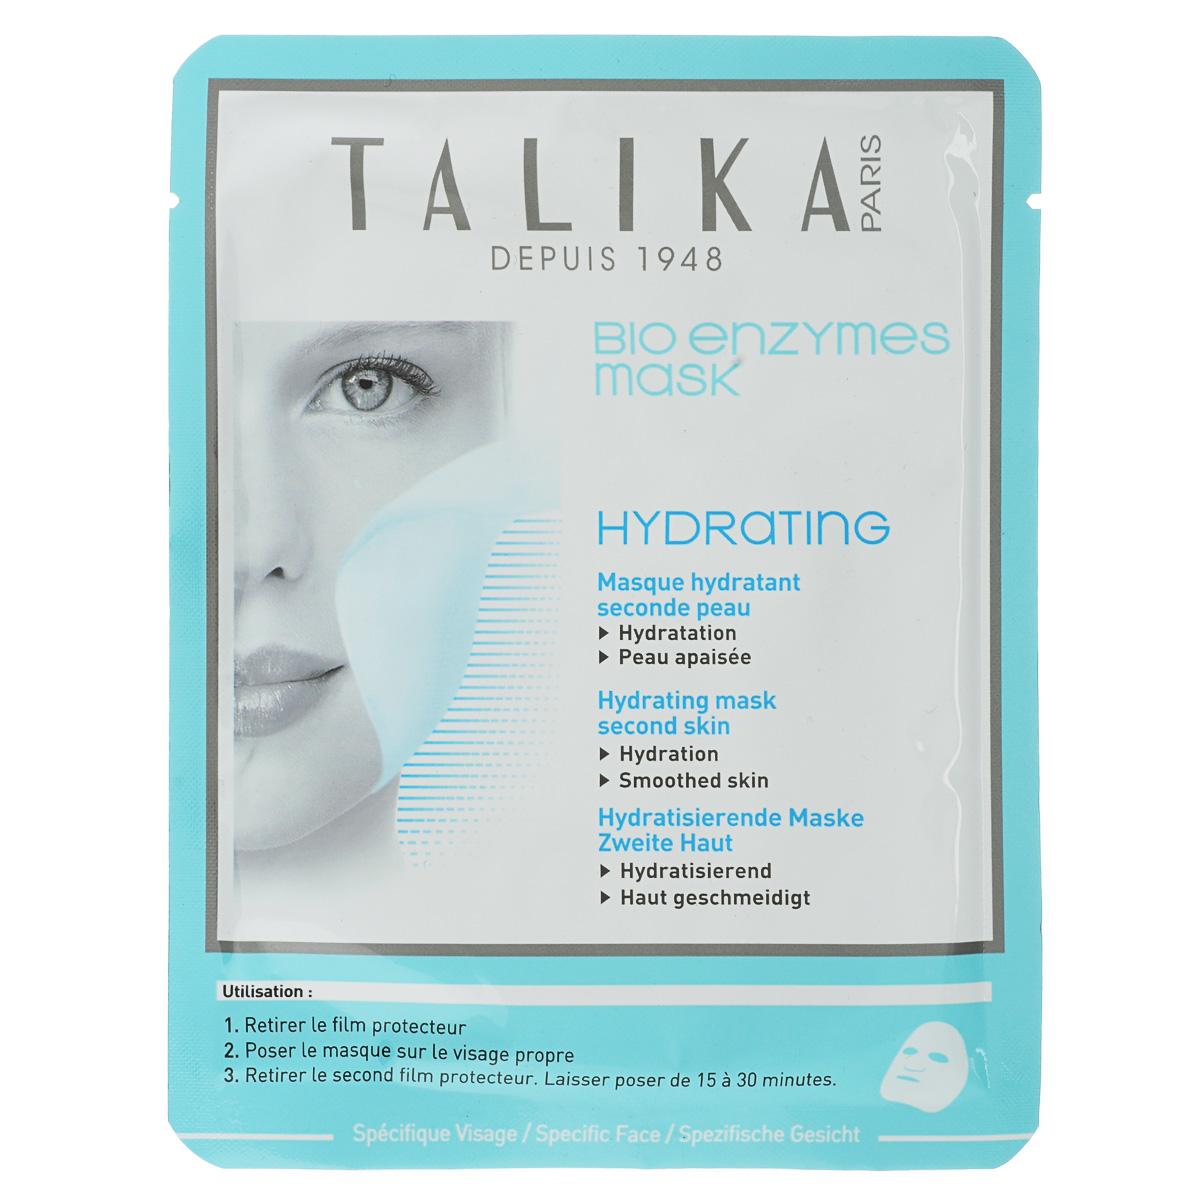 Talika Увлажняющая маска для лица Bio Enzymes, 20 гFS-00897Увлажняющая маска для лица Bio Enzymes. Насыщенная задерживающим влагу сахаром маска обогащает кожу влагой. Экстракты альпийских цветов успокаивают кожу.